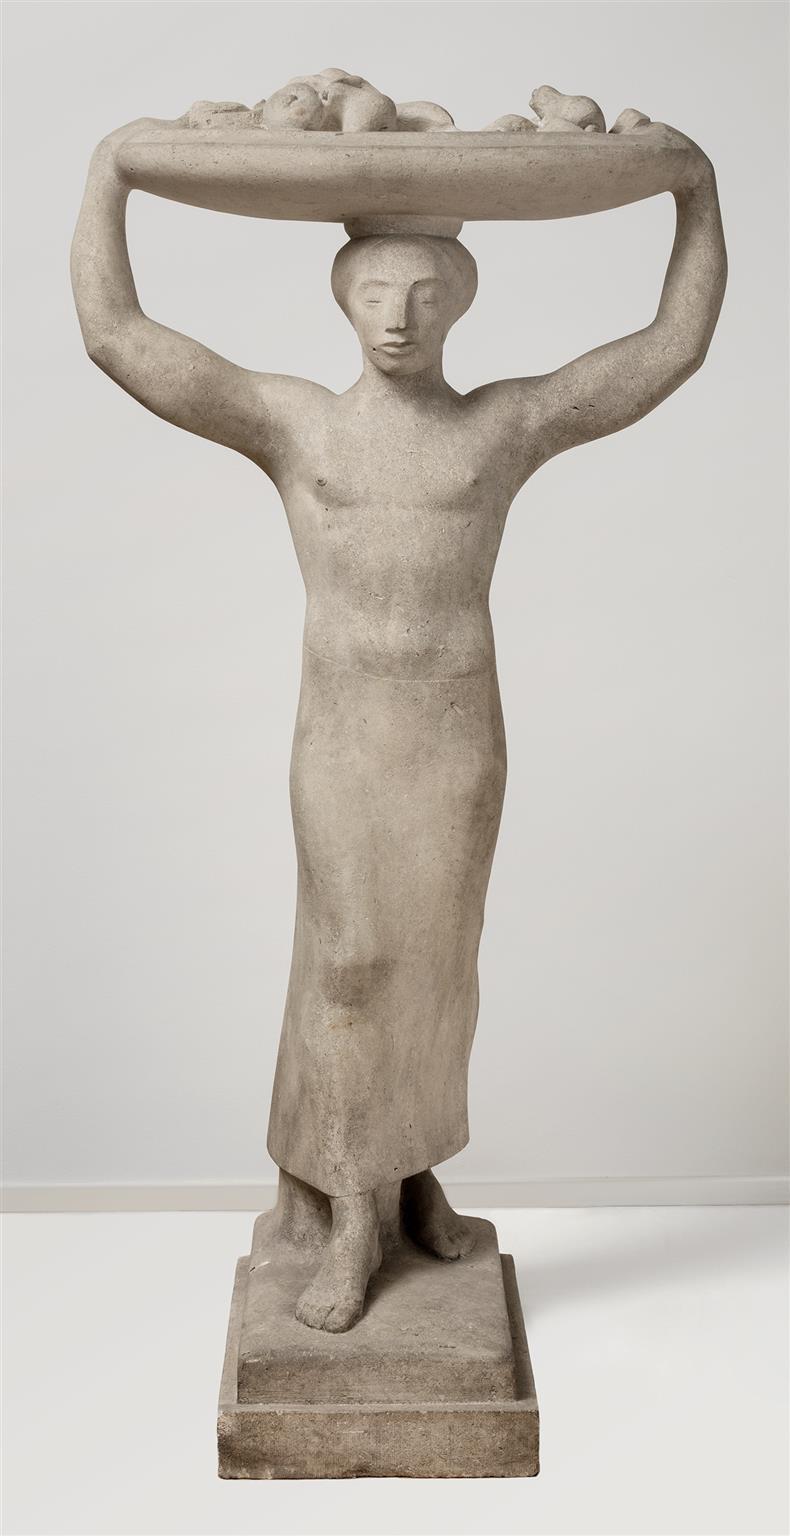 Ernst Martin Friedrich Wield (1880 – 1940) Schalenträger II © Hamburger Kunsthalle / bpk Foto: Christoph Irrgang